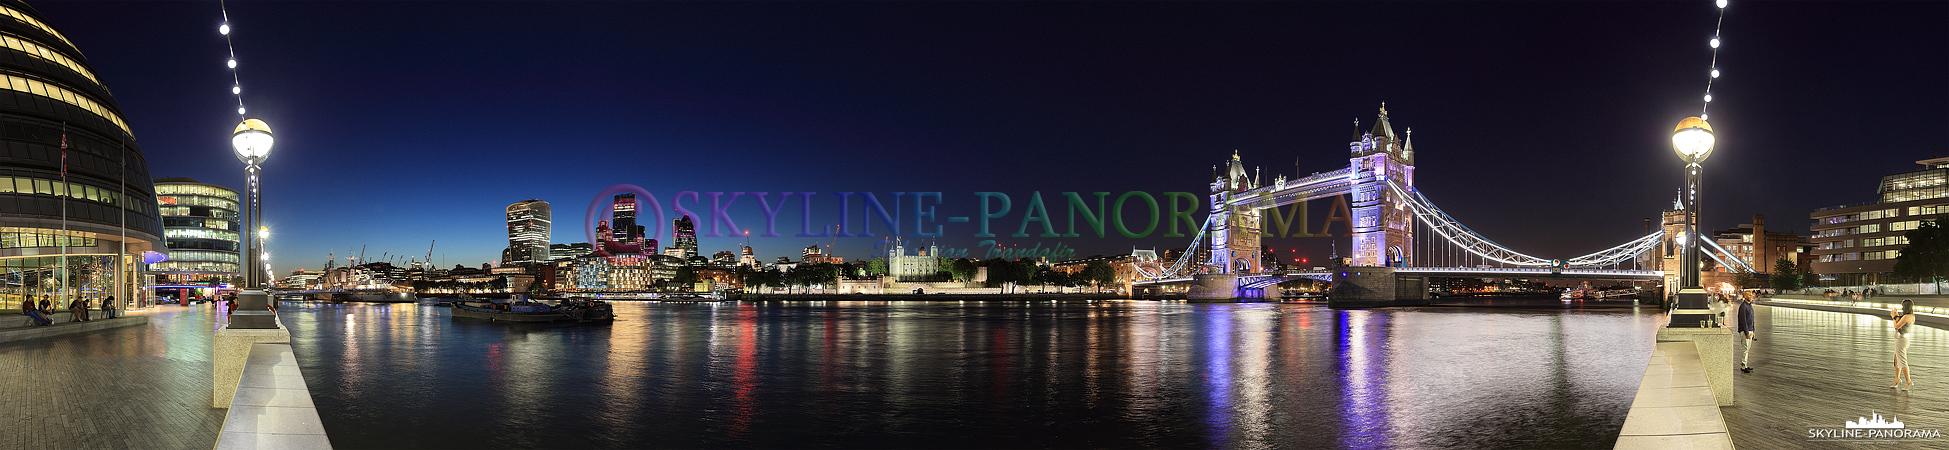 Skyline London - Panorama